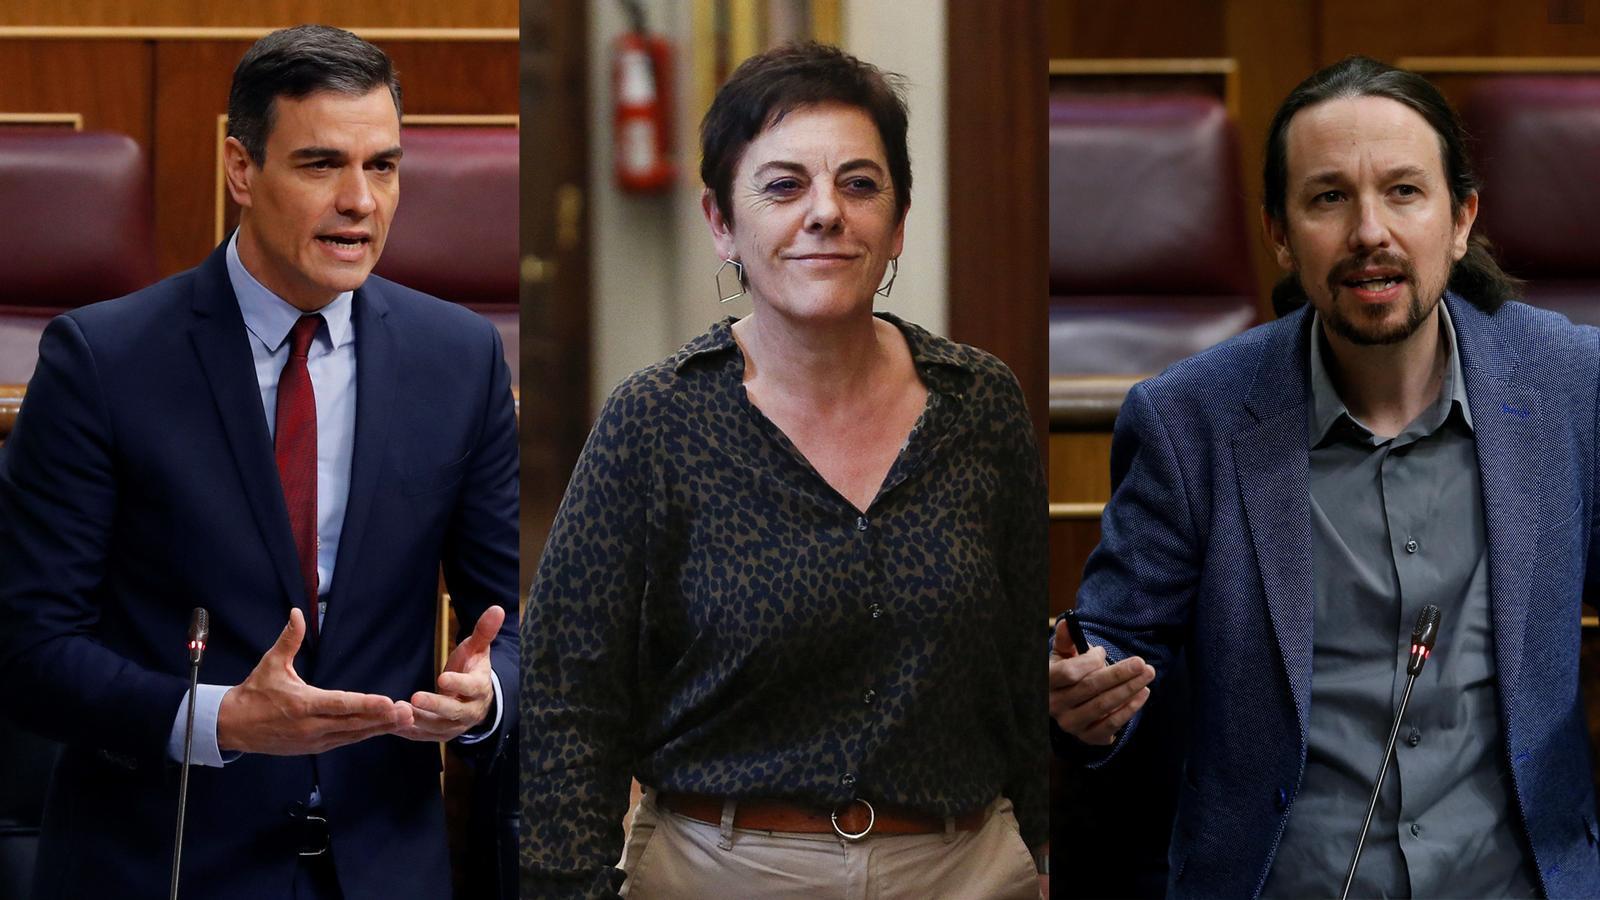 Sanitat ha d'anunciar avui si Barcelona passarà dilluns a la fase 1 i crisi al govern espanyol  pel pacte amb Bildu: les claus del dia, amb Antoni Bassas (22/05/2020)